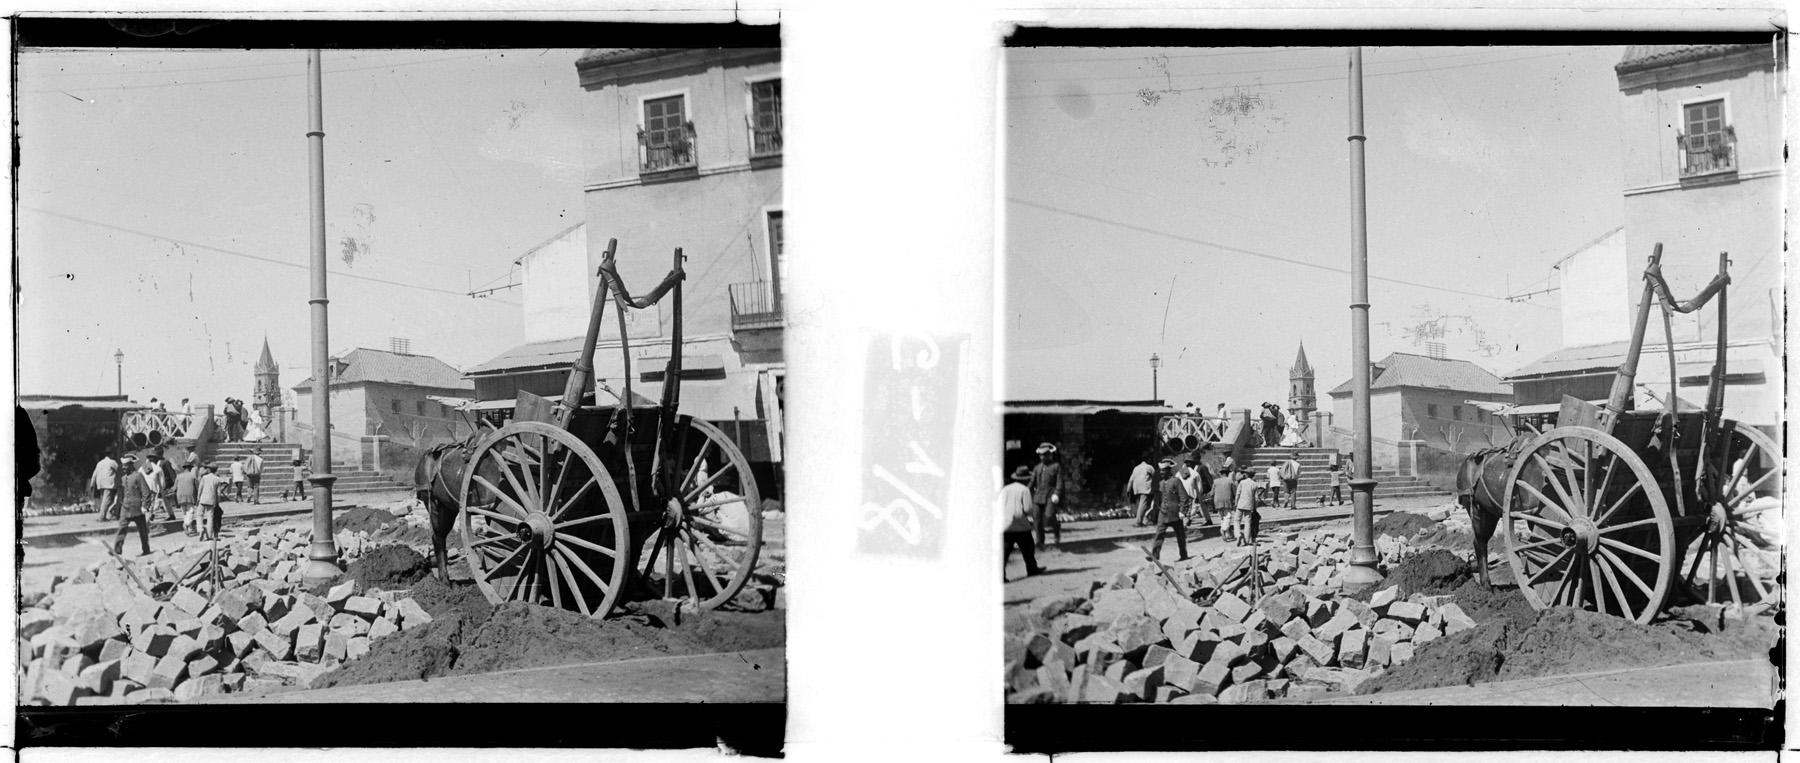 Málaga. Obras de saneamiento urbano en Puerta Nueva y Carreterías. Colección de estereoscopías del archivo fotográfico JAMER.